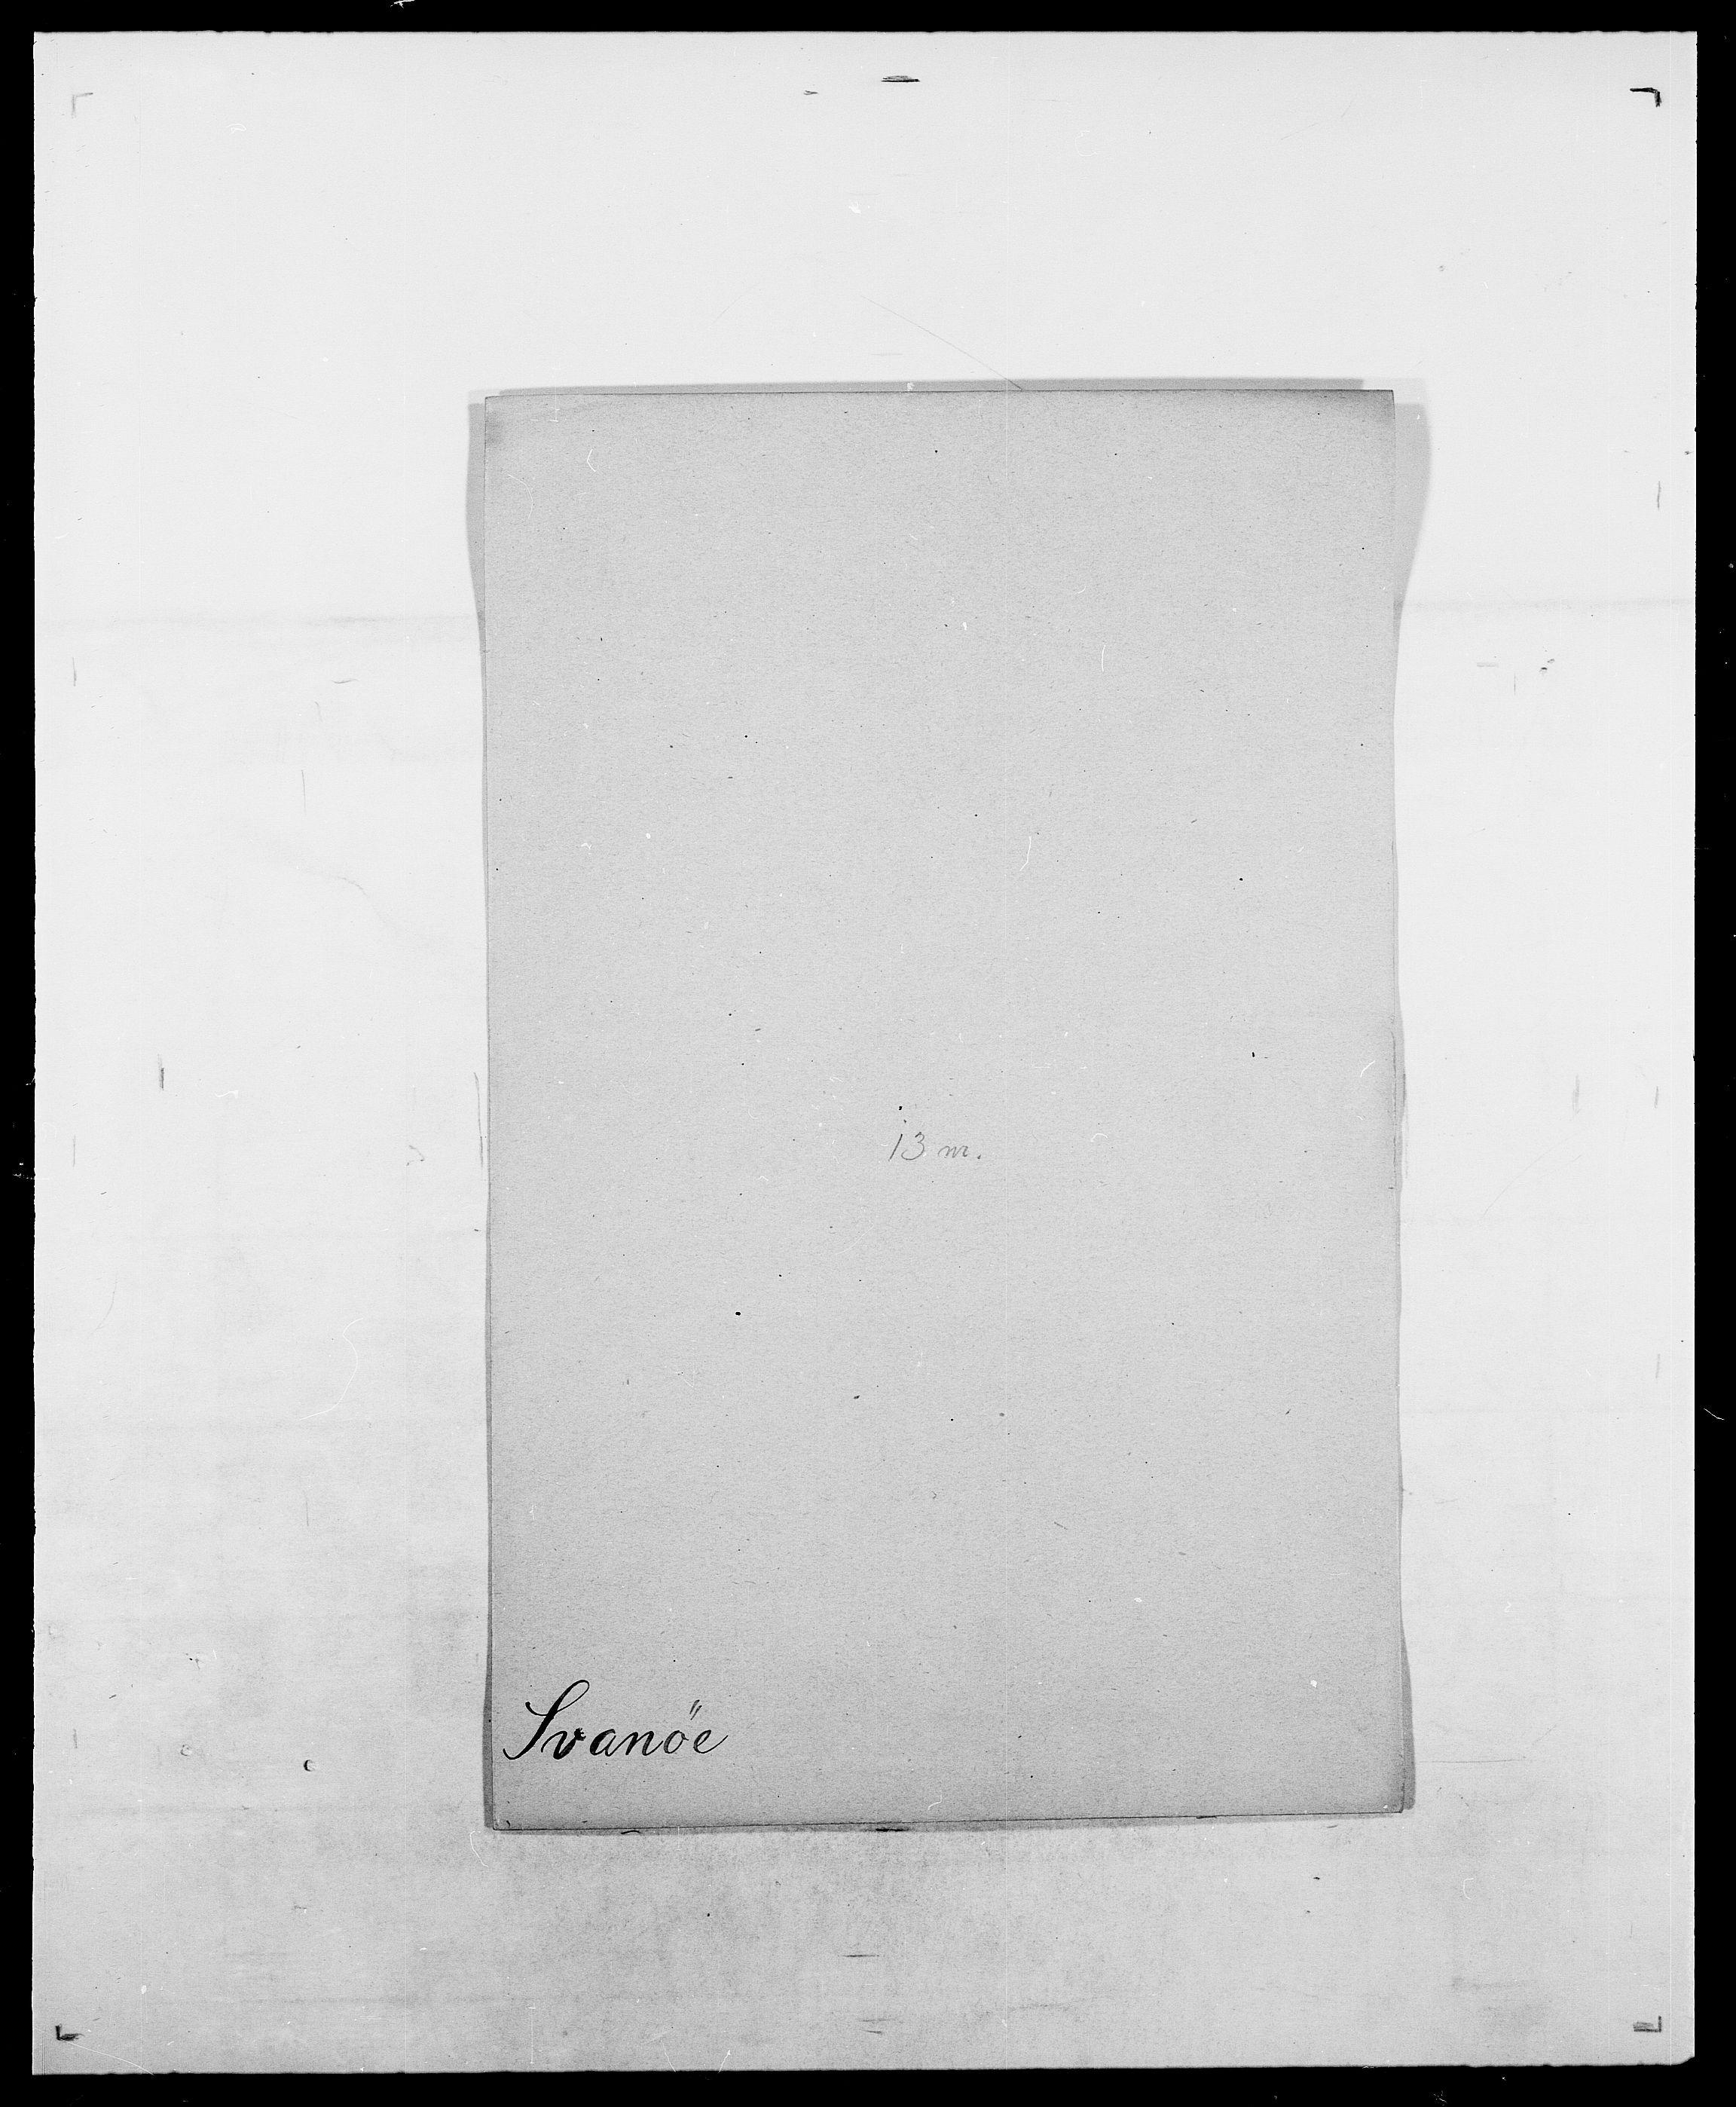 SAO, Delgobe, Charles Antoine - samling, D/Da/L0038: Svanenskjold - Thornsohn, s. 6